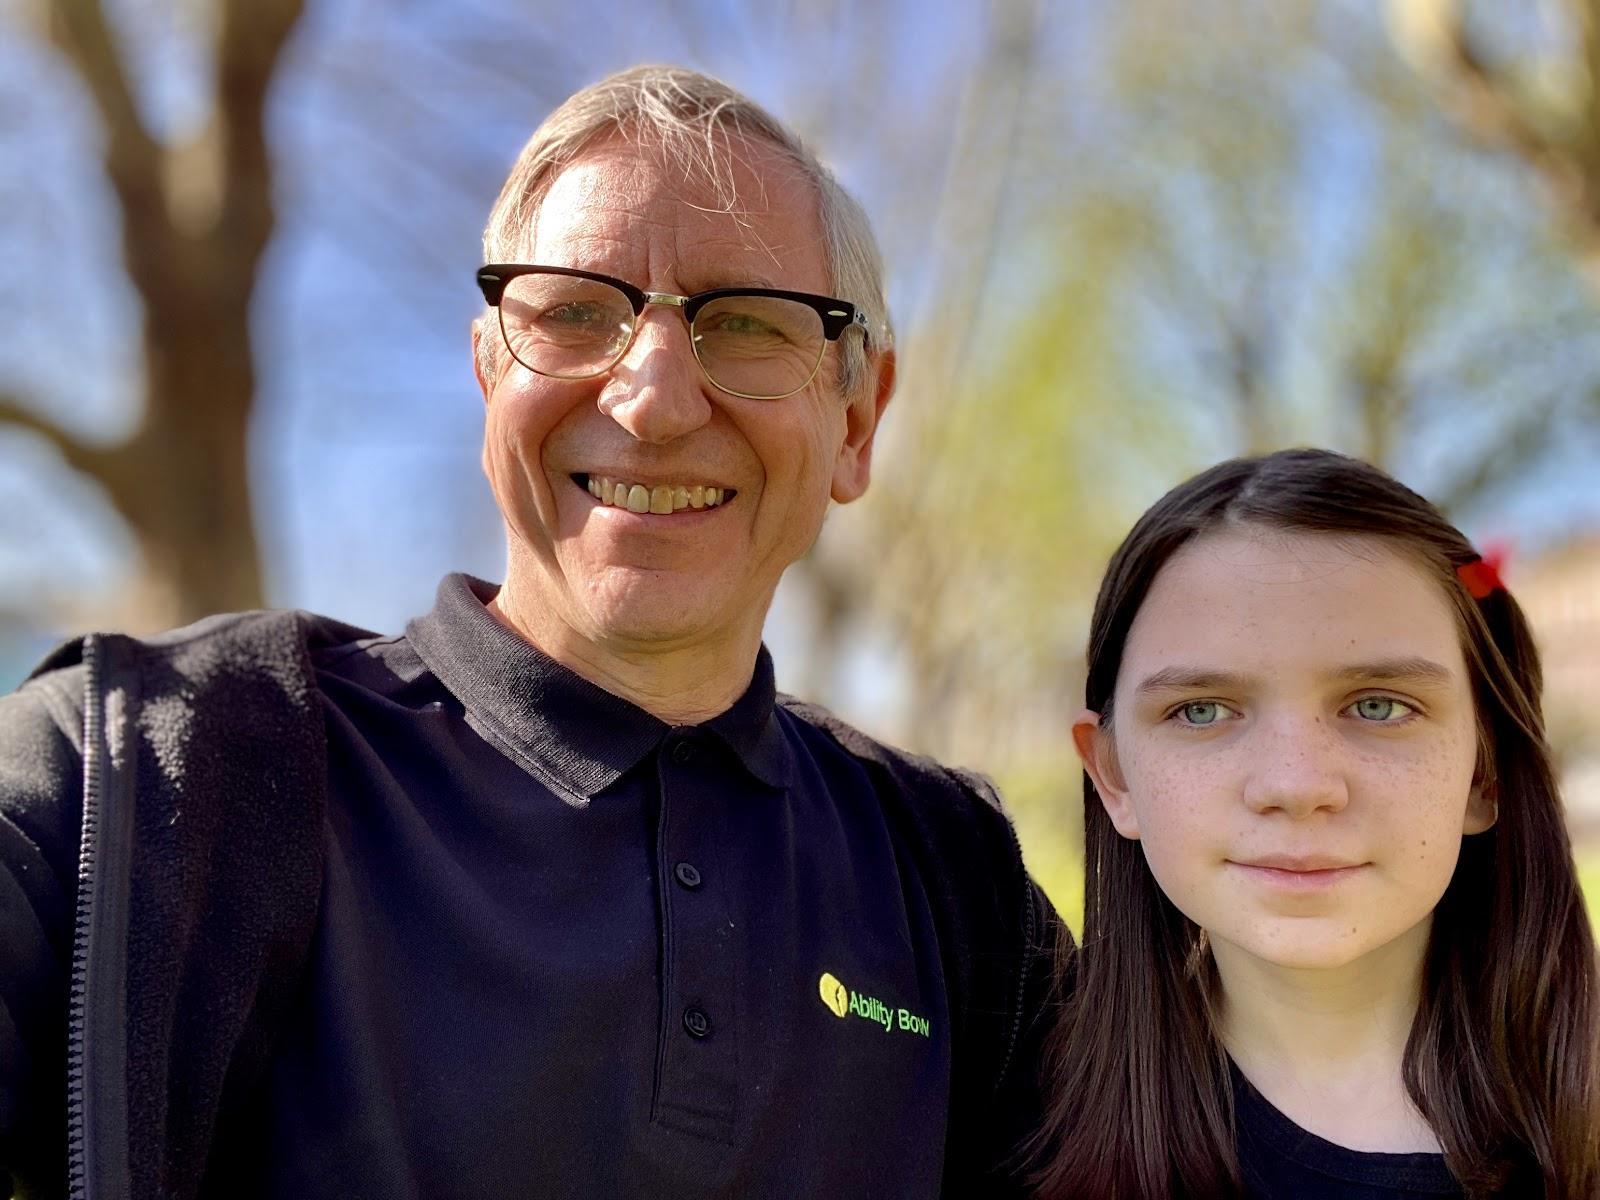 two smiling people portrait, taken on Hampstead Heath